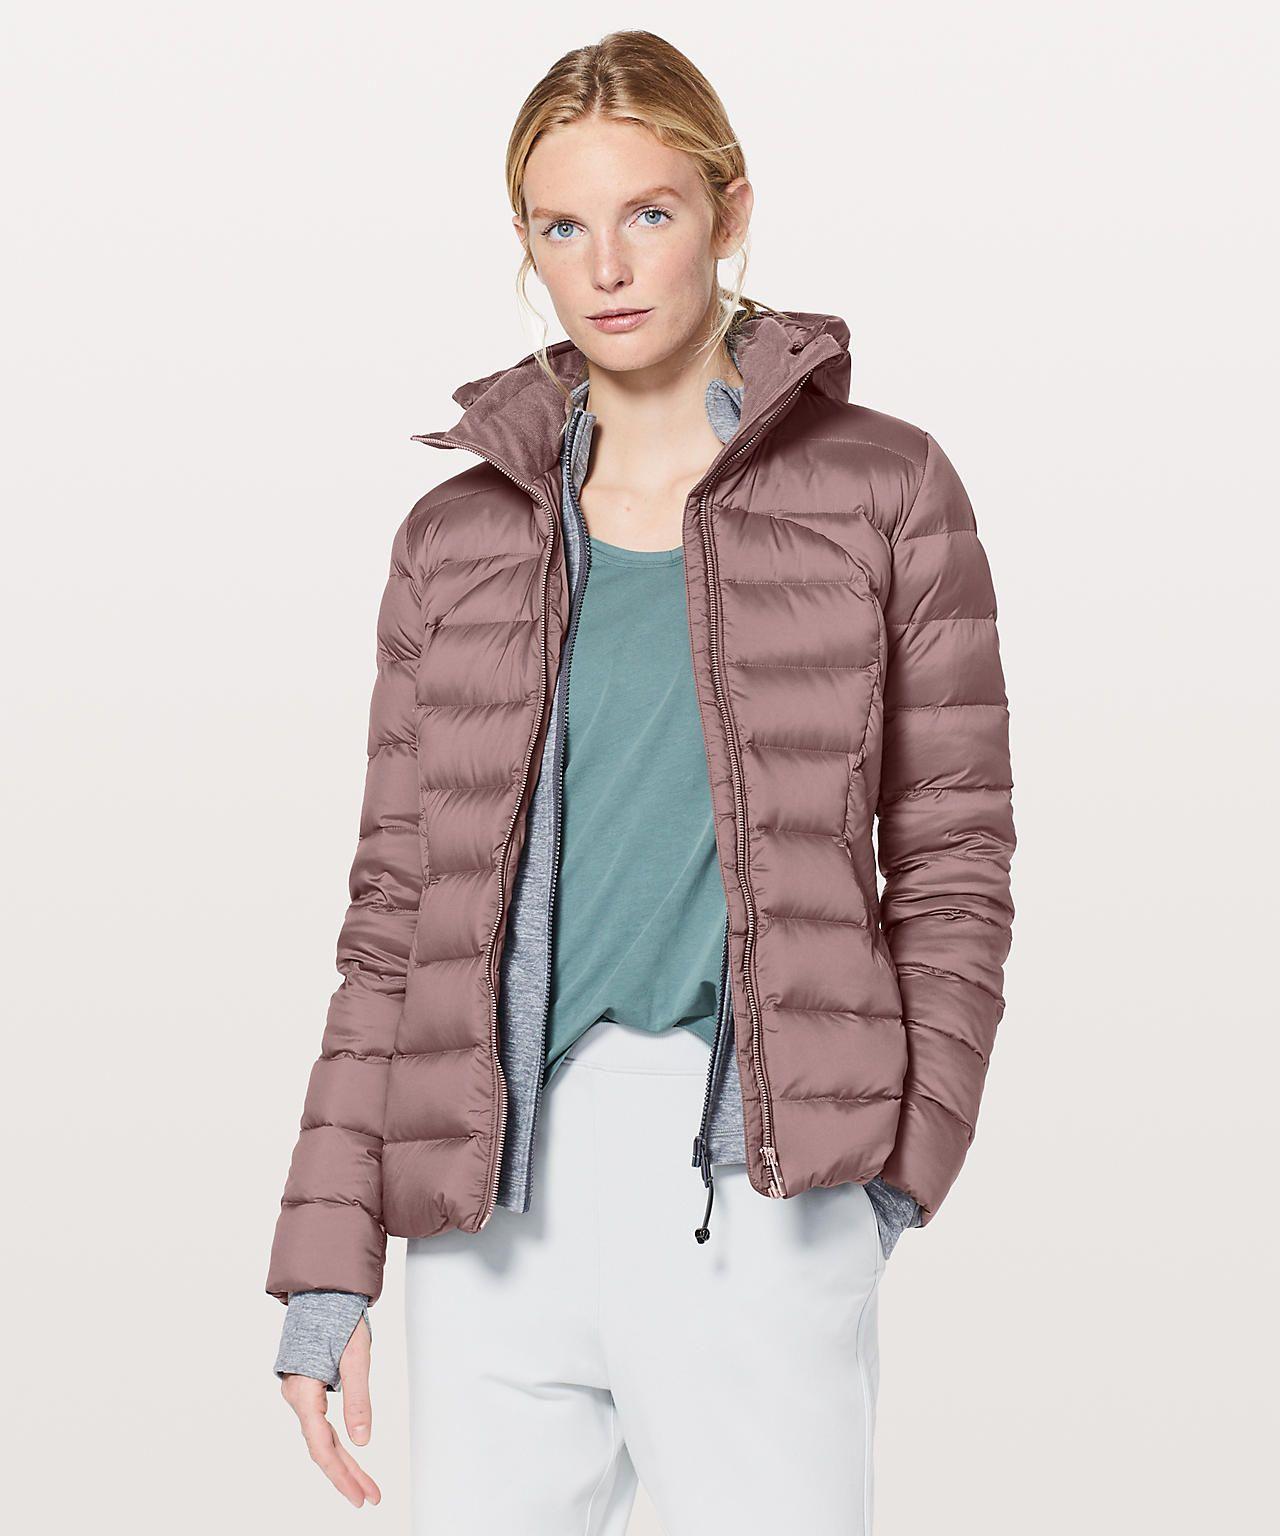 Pack It Down Jacket Women S Jackets Outerwear Lululemon Jackets For Women Down Jacket Outerwear Jackets [ 1536 x 1280 Pixel ]